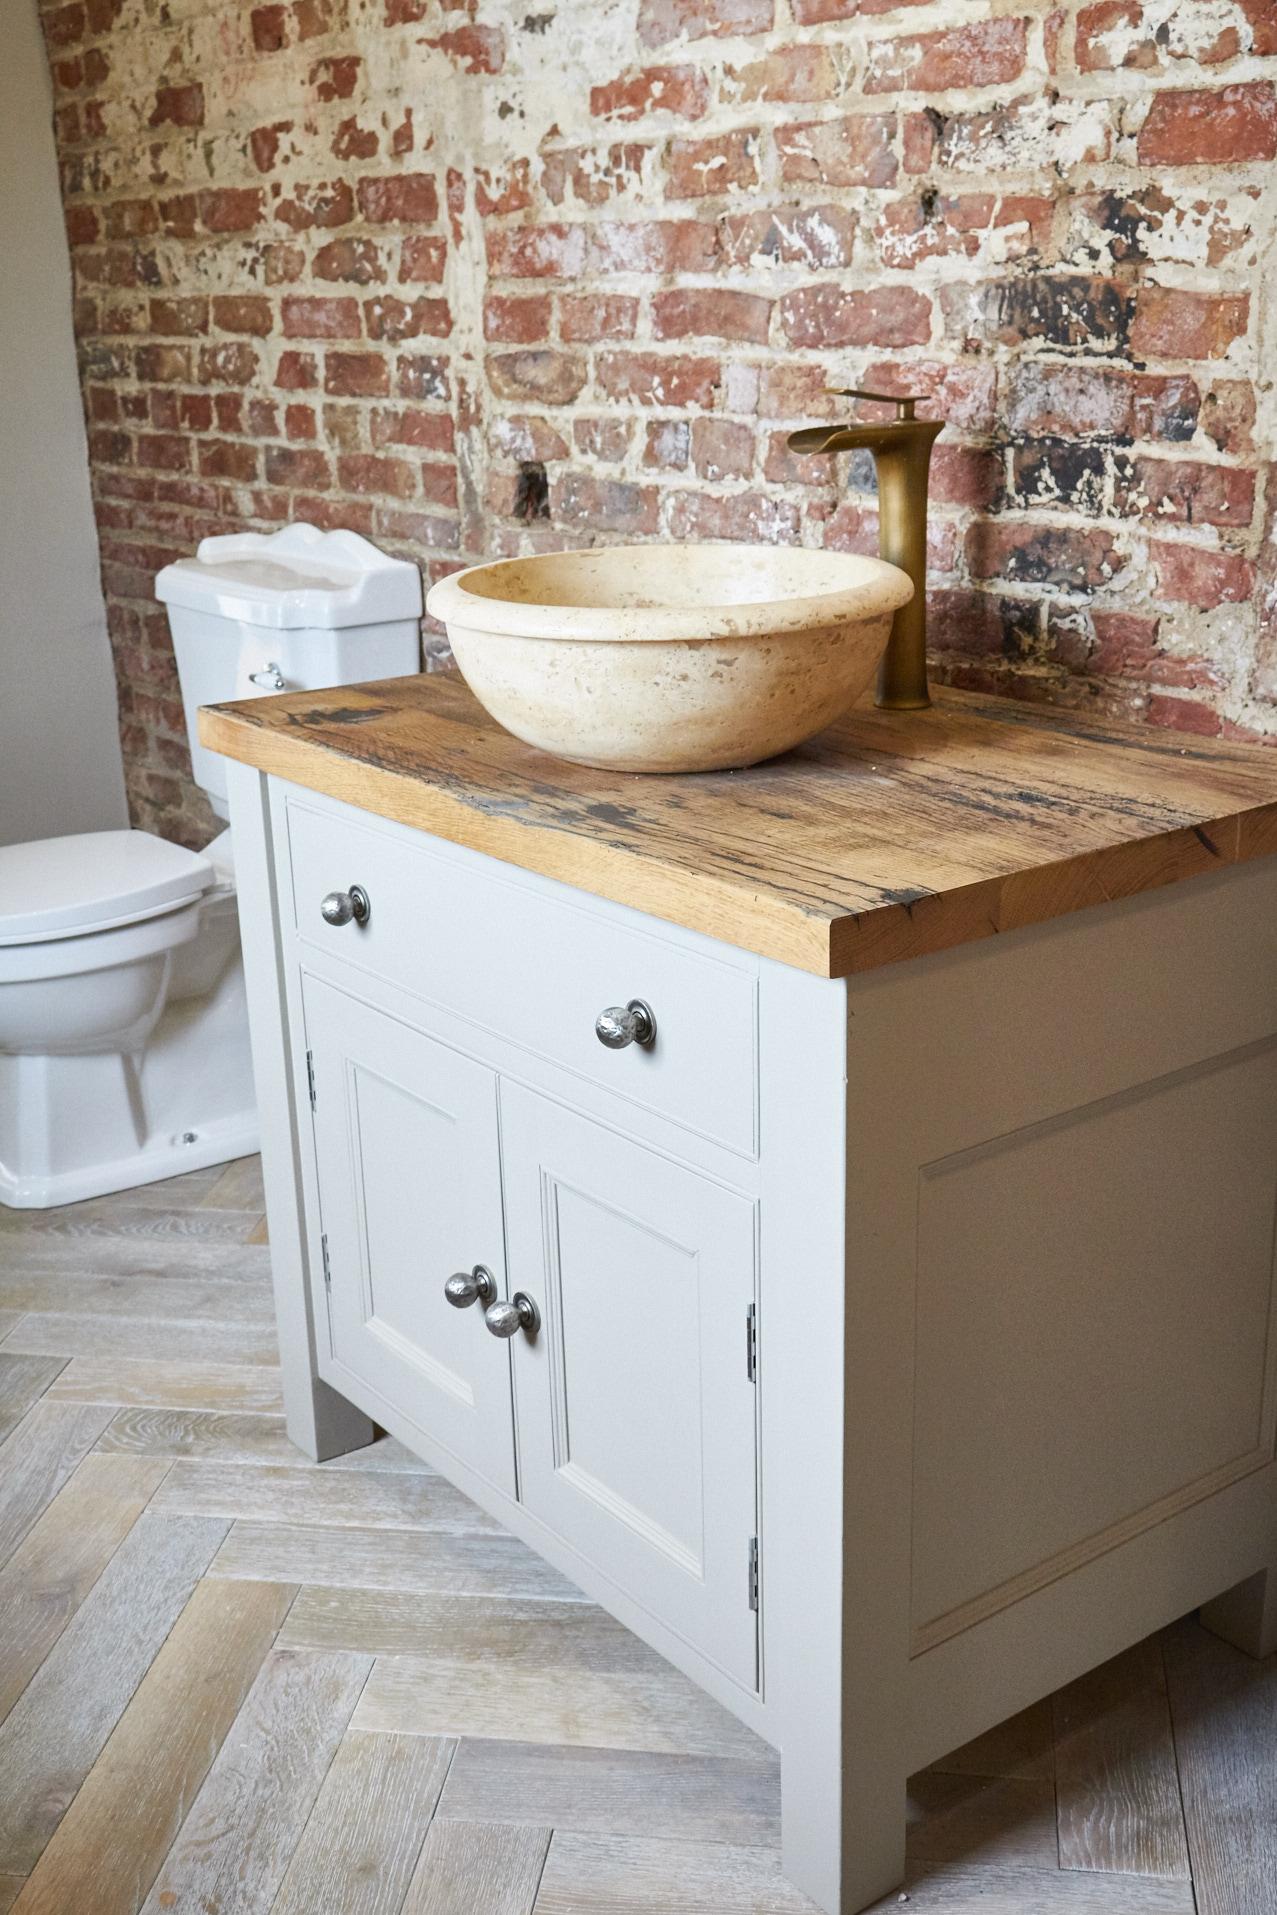 Moor Monkton Barn bathroom